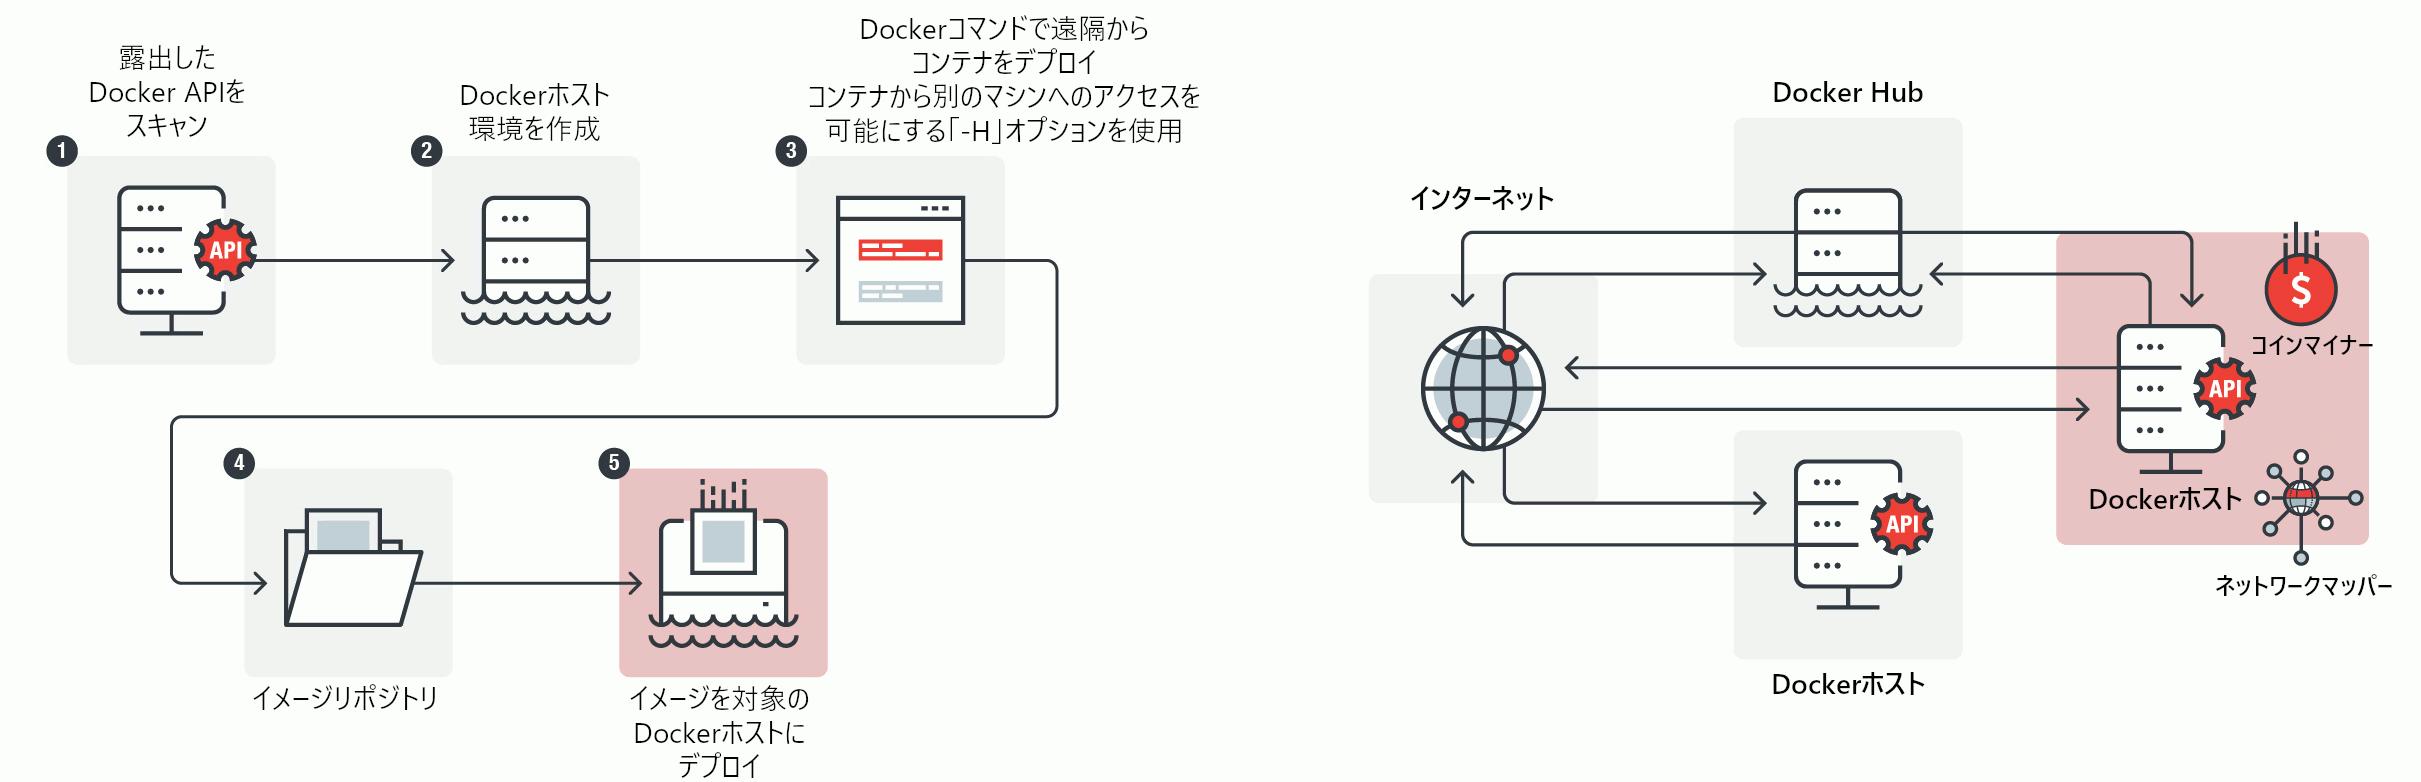 ペイロードを送り込む方法(左)遠隔からイメージをデプロイする攻撃者の環境(右)